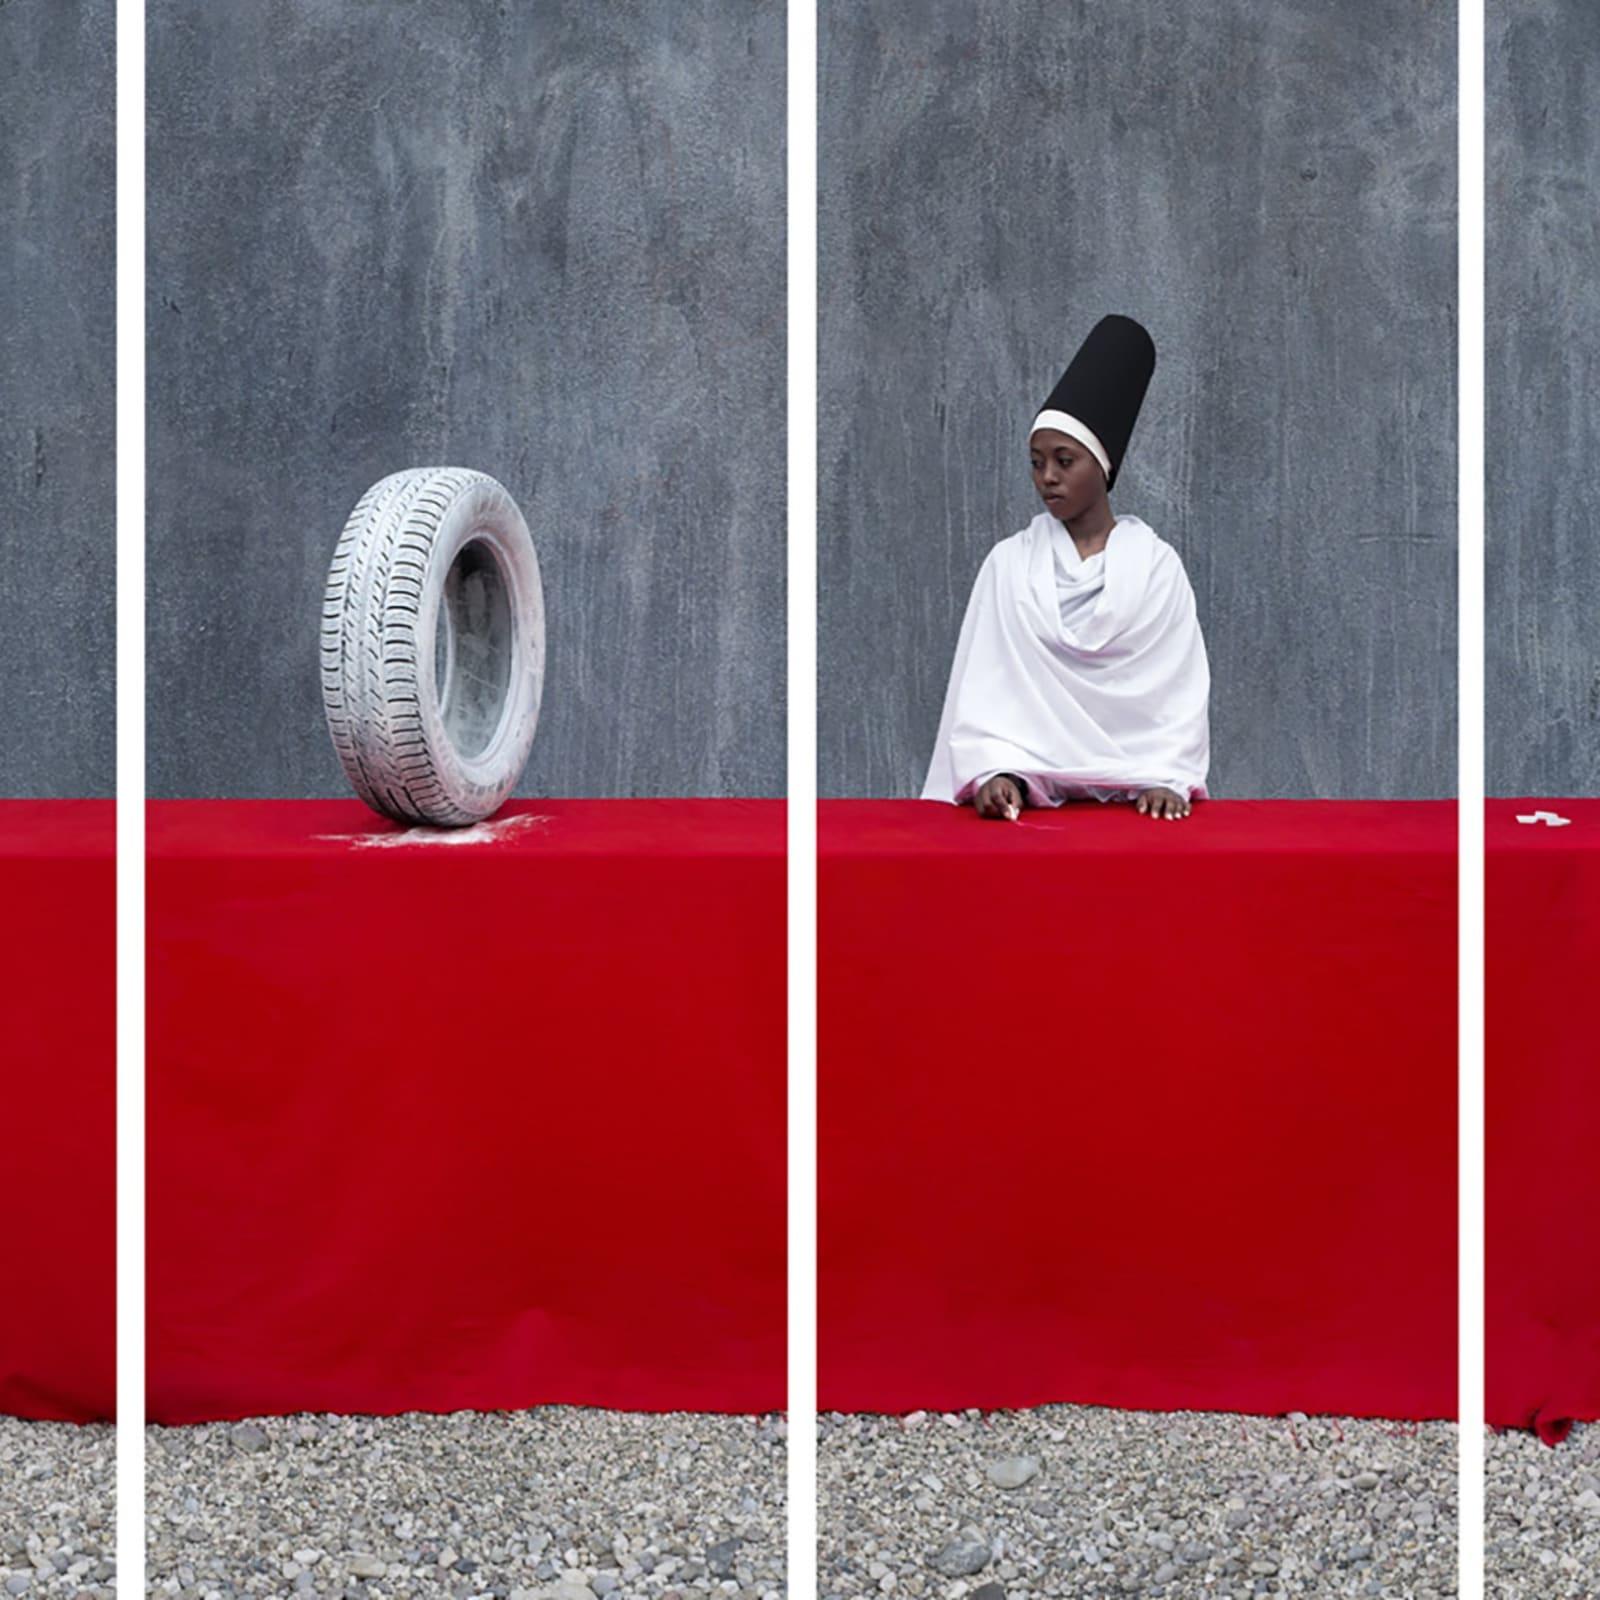 Maïmouna Guerresi, White Rubber Tire (M-eating series), 2014